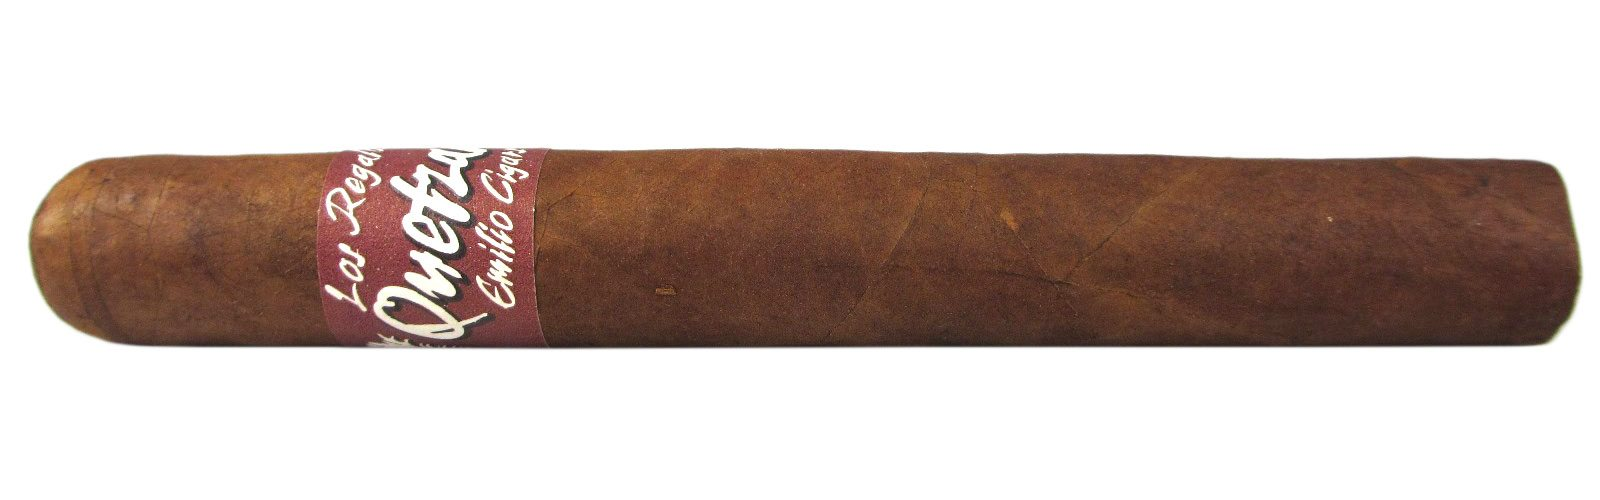 Blind Cigar Review: Los Regalos | Quetzal Toro